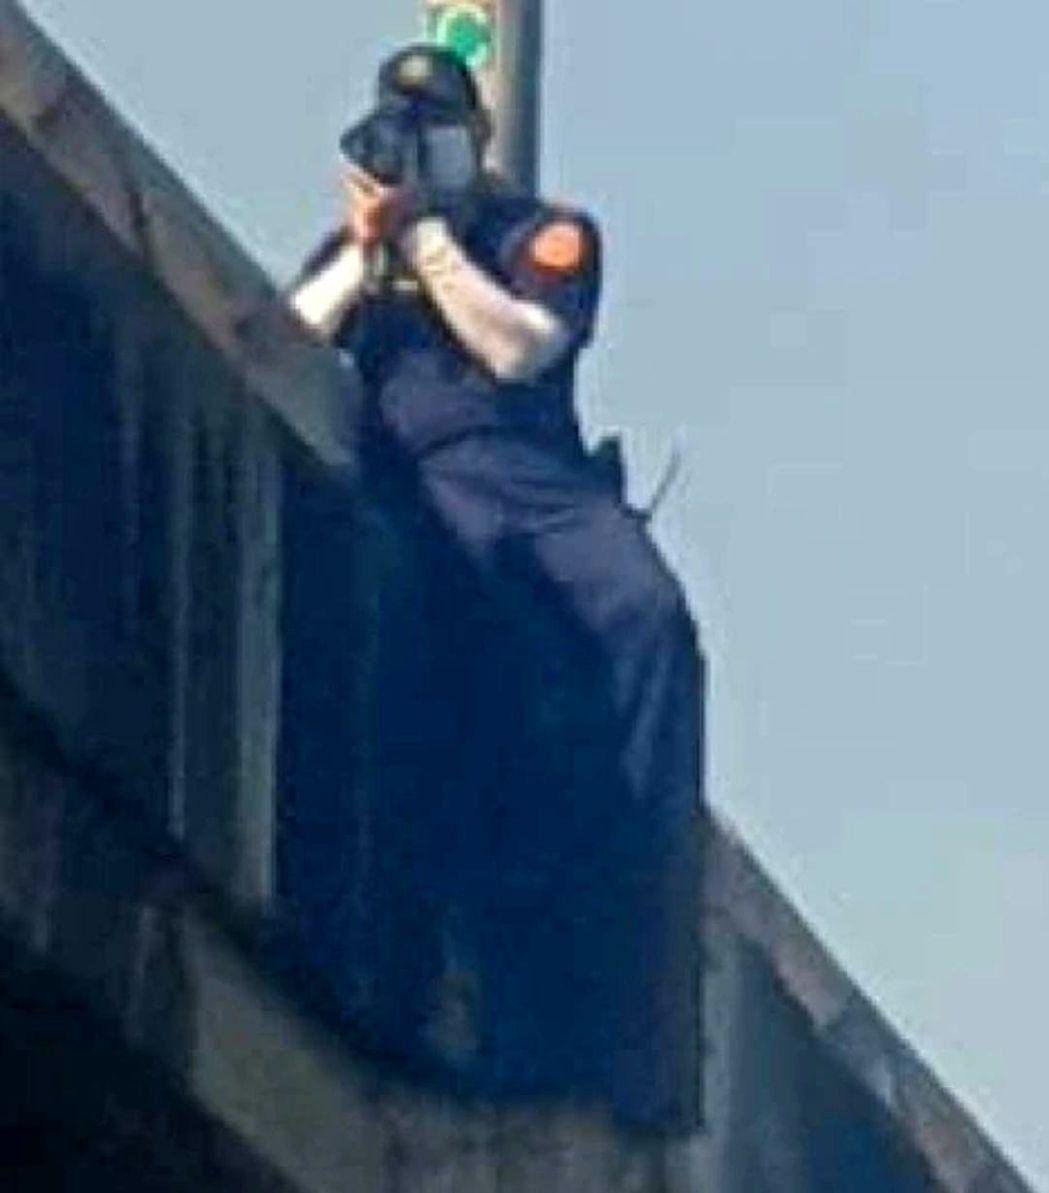 保二總隊警員跨坐高架橋護欄測速拍照,取締超速。圖/截自臉書爆料公社二館